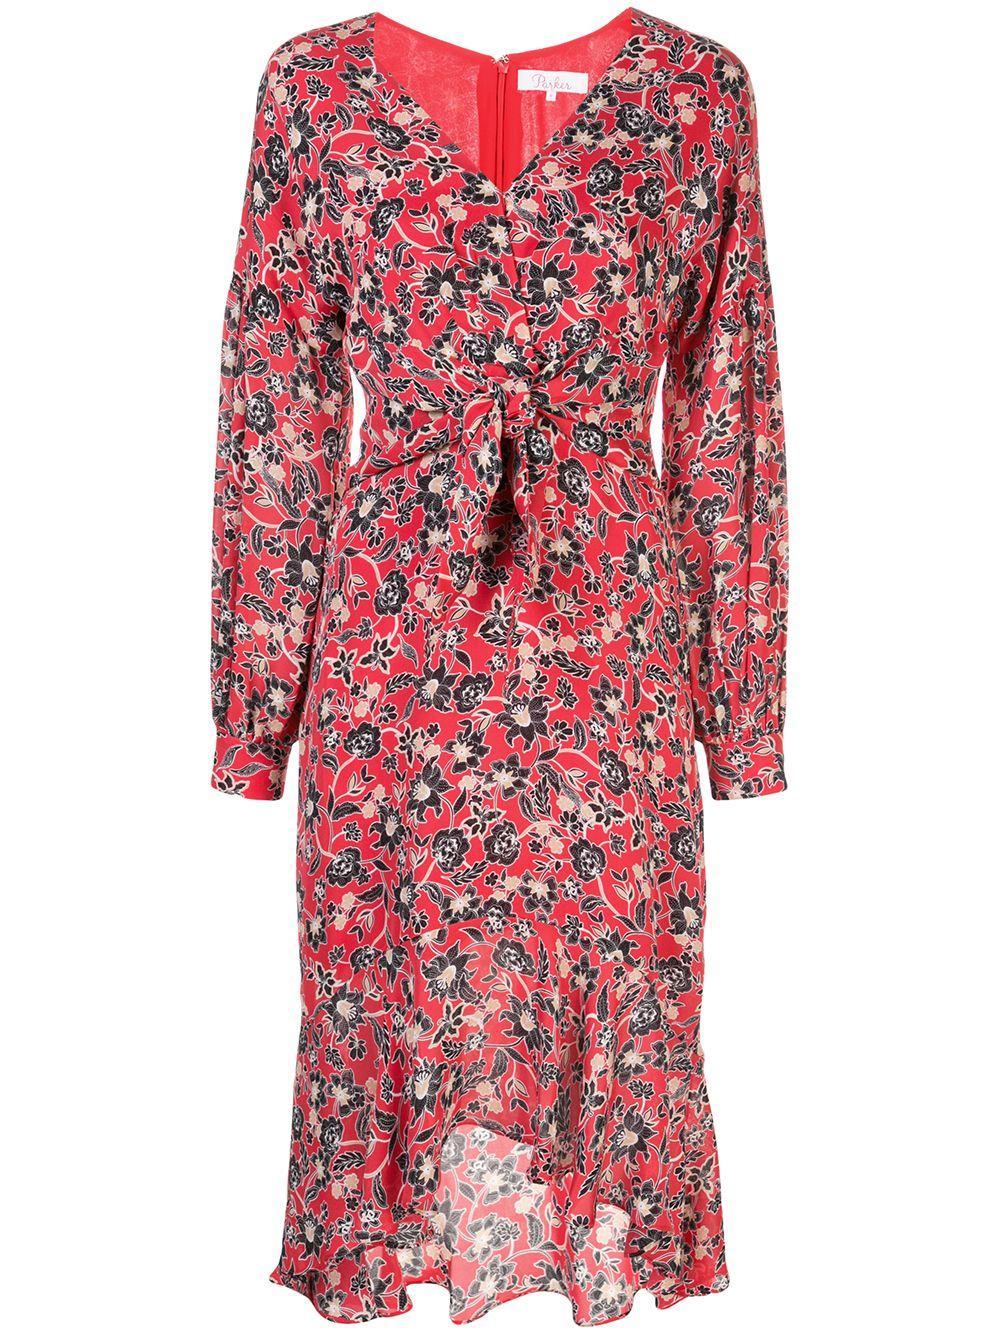 Kinsale Long Sleeve Asymmetrical Hem Dress Item # P9A5839SBP